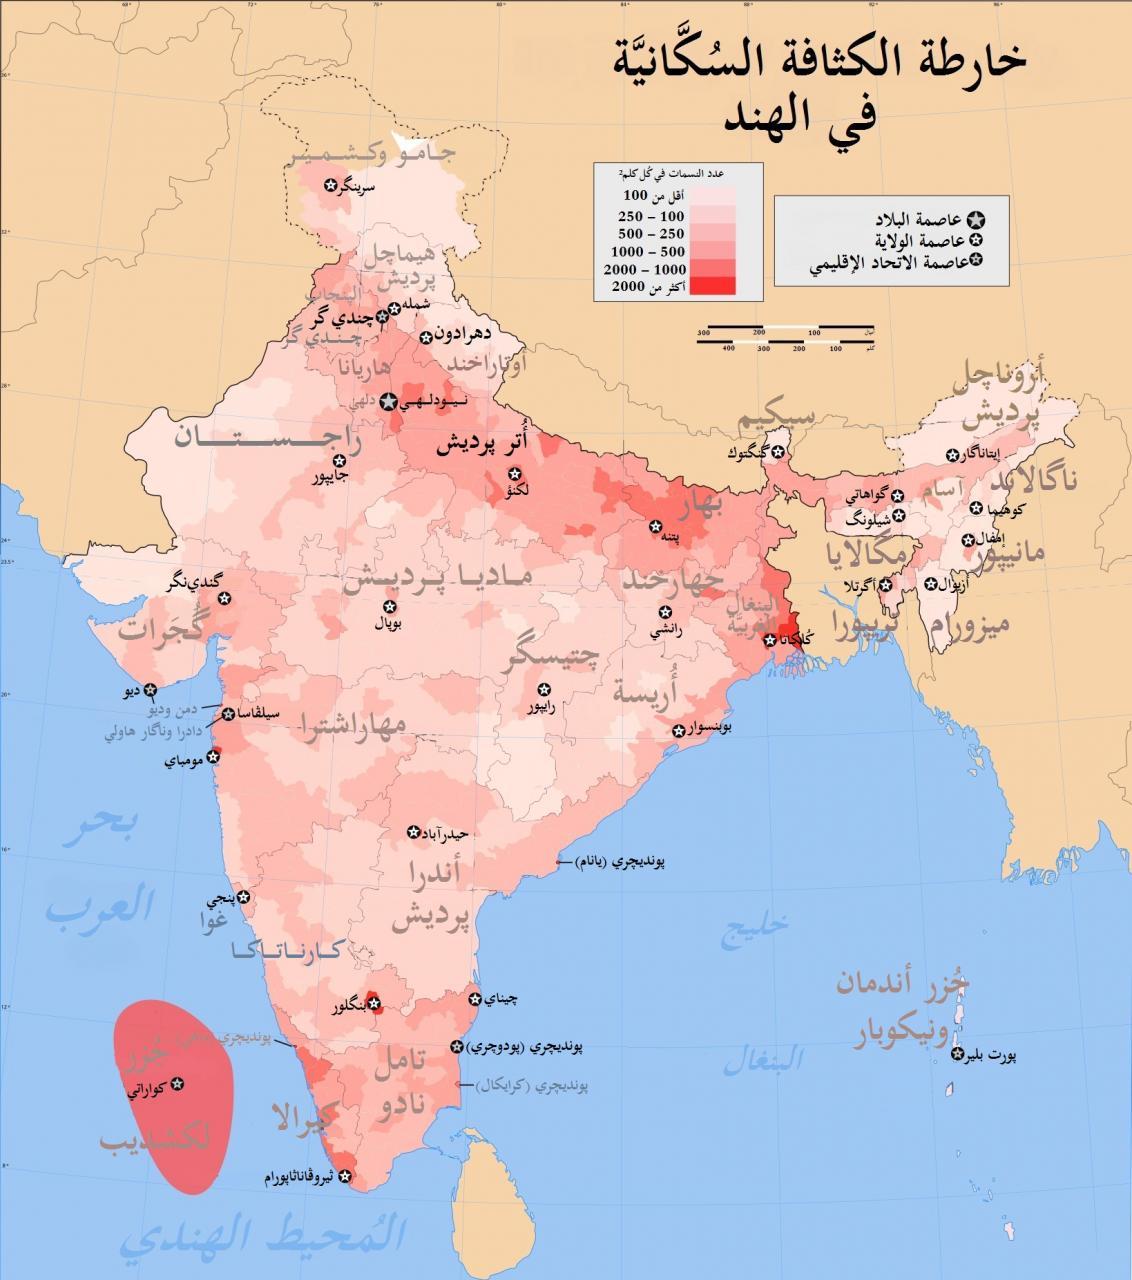 خريطة الهند السُكانية